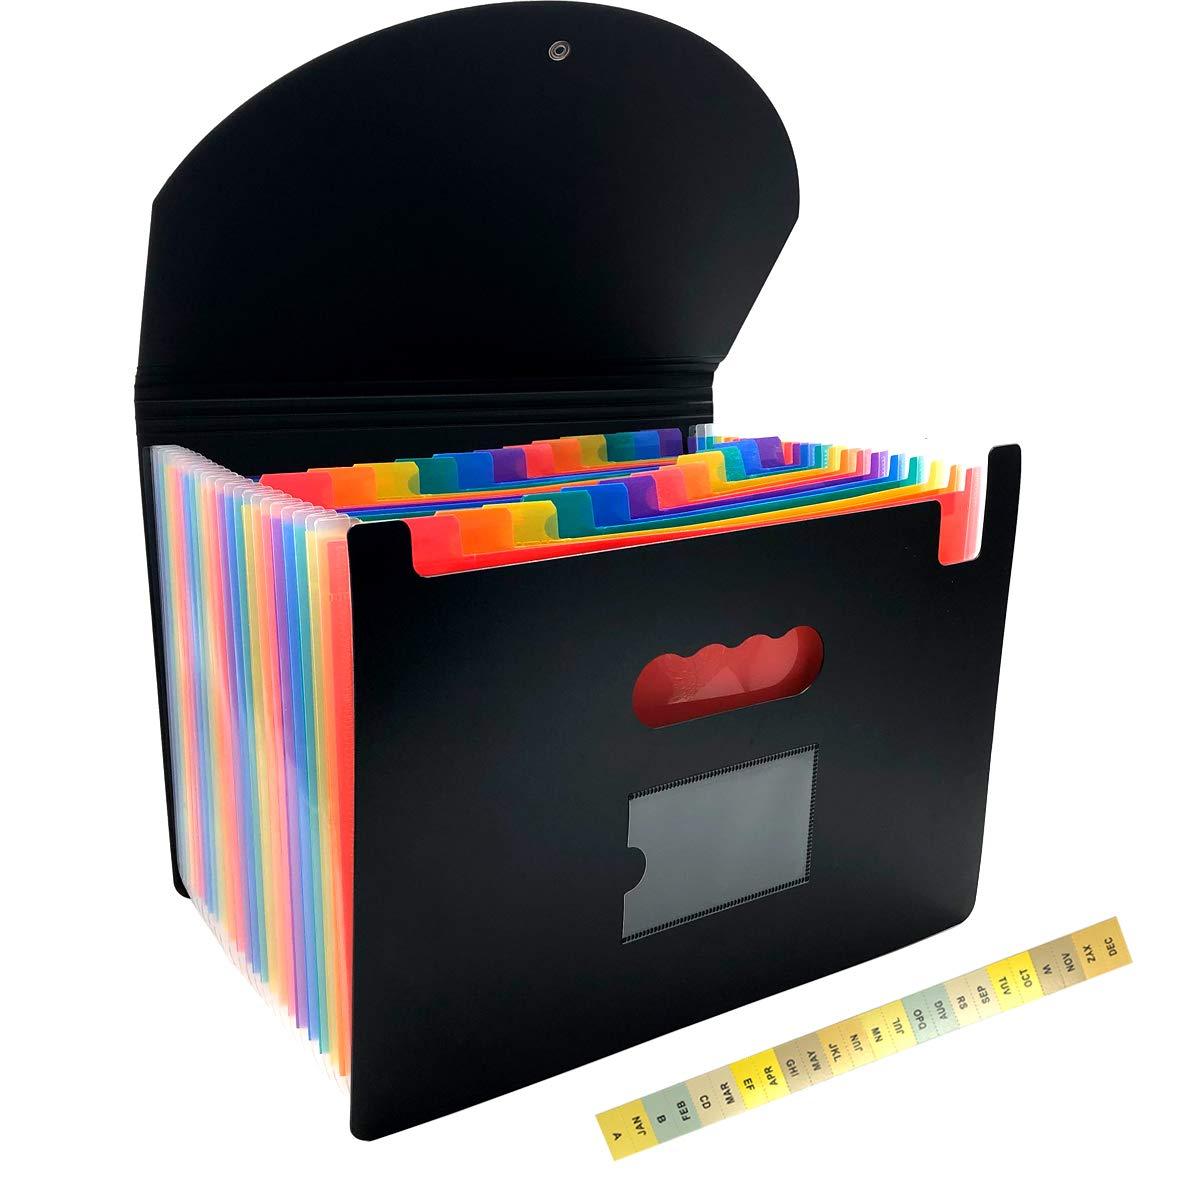 Black INTVZ03167 Vaultz Letter Size Locking 7-Pocket Expanding File